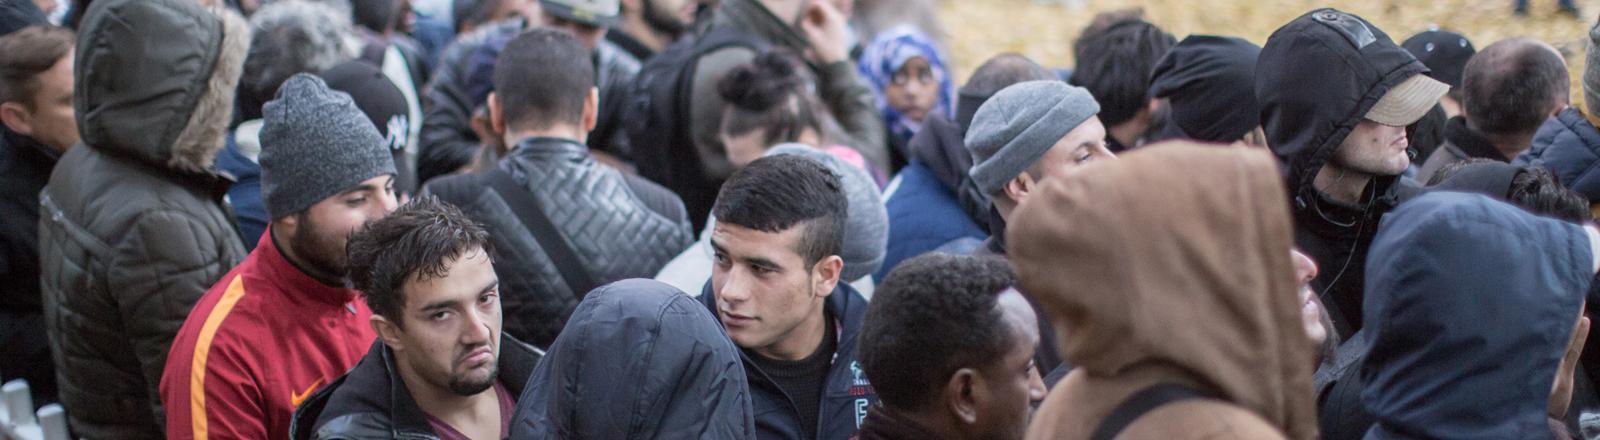 Wartenden Flüchtlinge in einer Schlange vor dem Lageso in Berlin